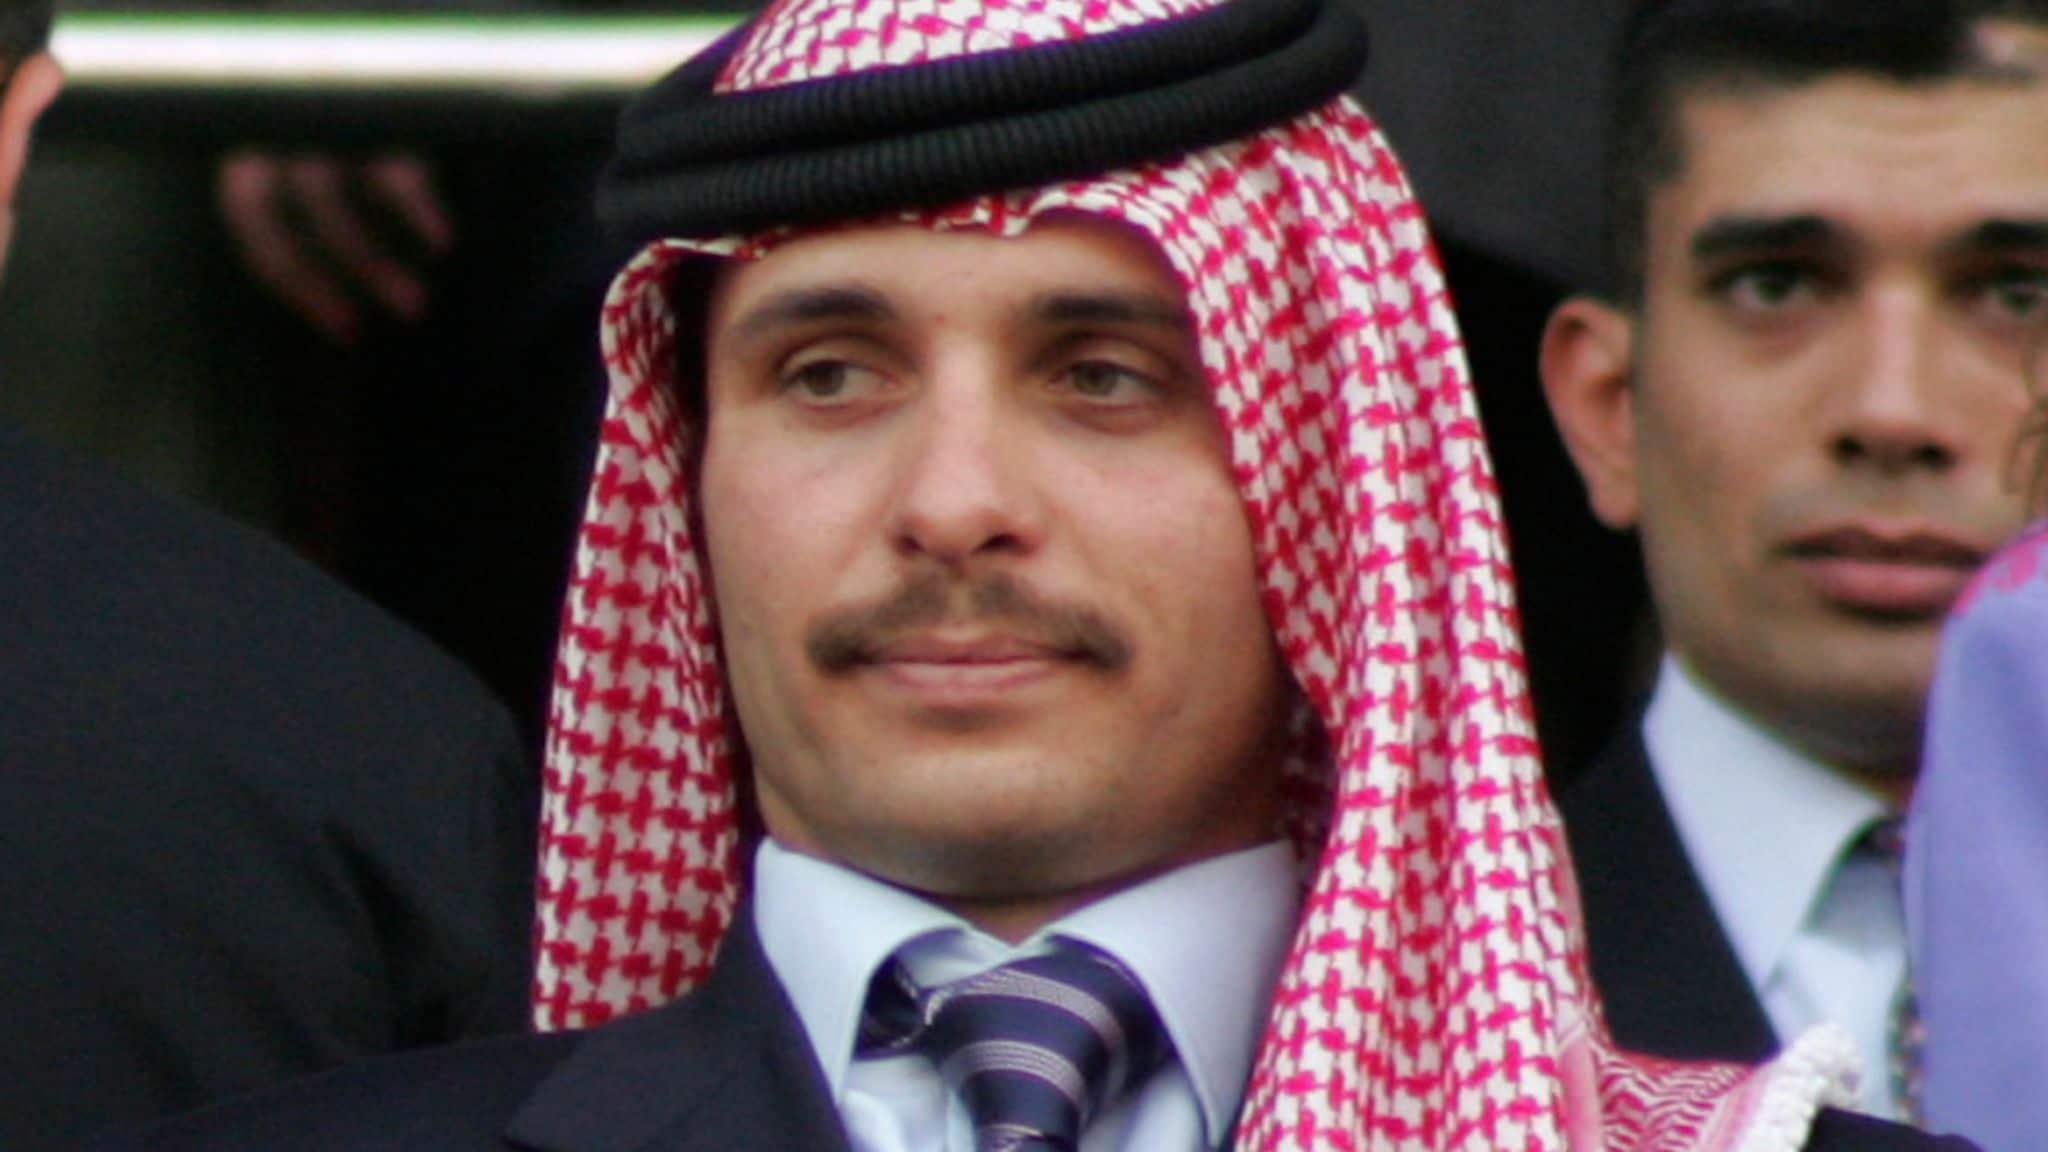 لهذا السبب رفضت المحكمة استدعاء الأمير حمزة وأخويه هاشم وعلي للشهادة بقضية الفتنة